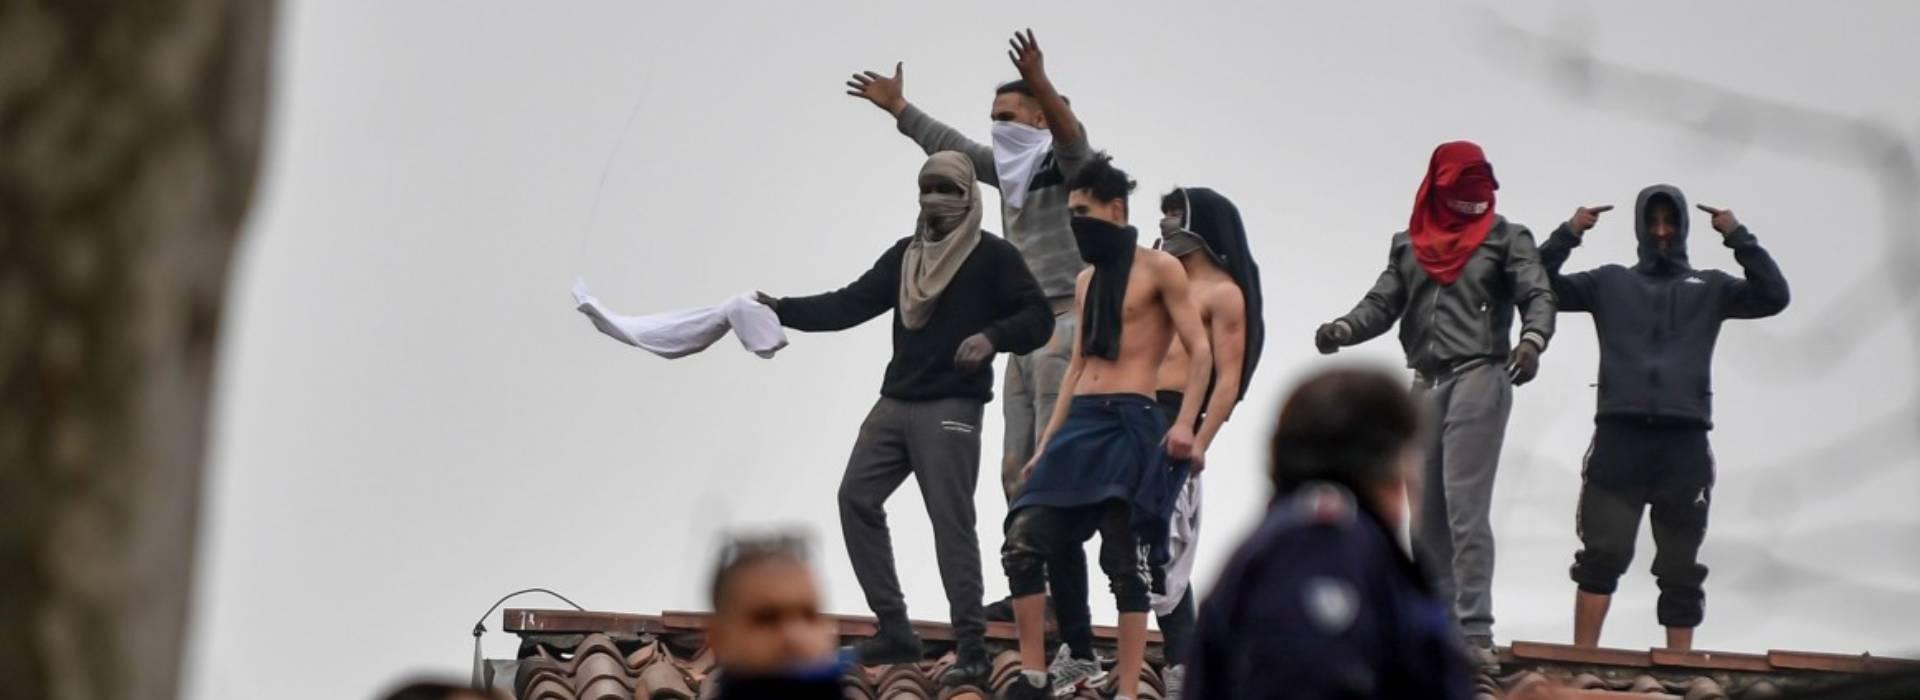 """Servizi segreti, Zagaria e l'ex capo del Dap Basentini. Spunta il """"papello"""" per far cessare le rivolte nelle carceri"""